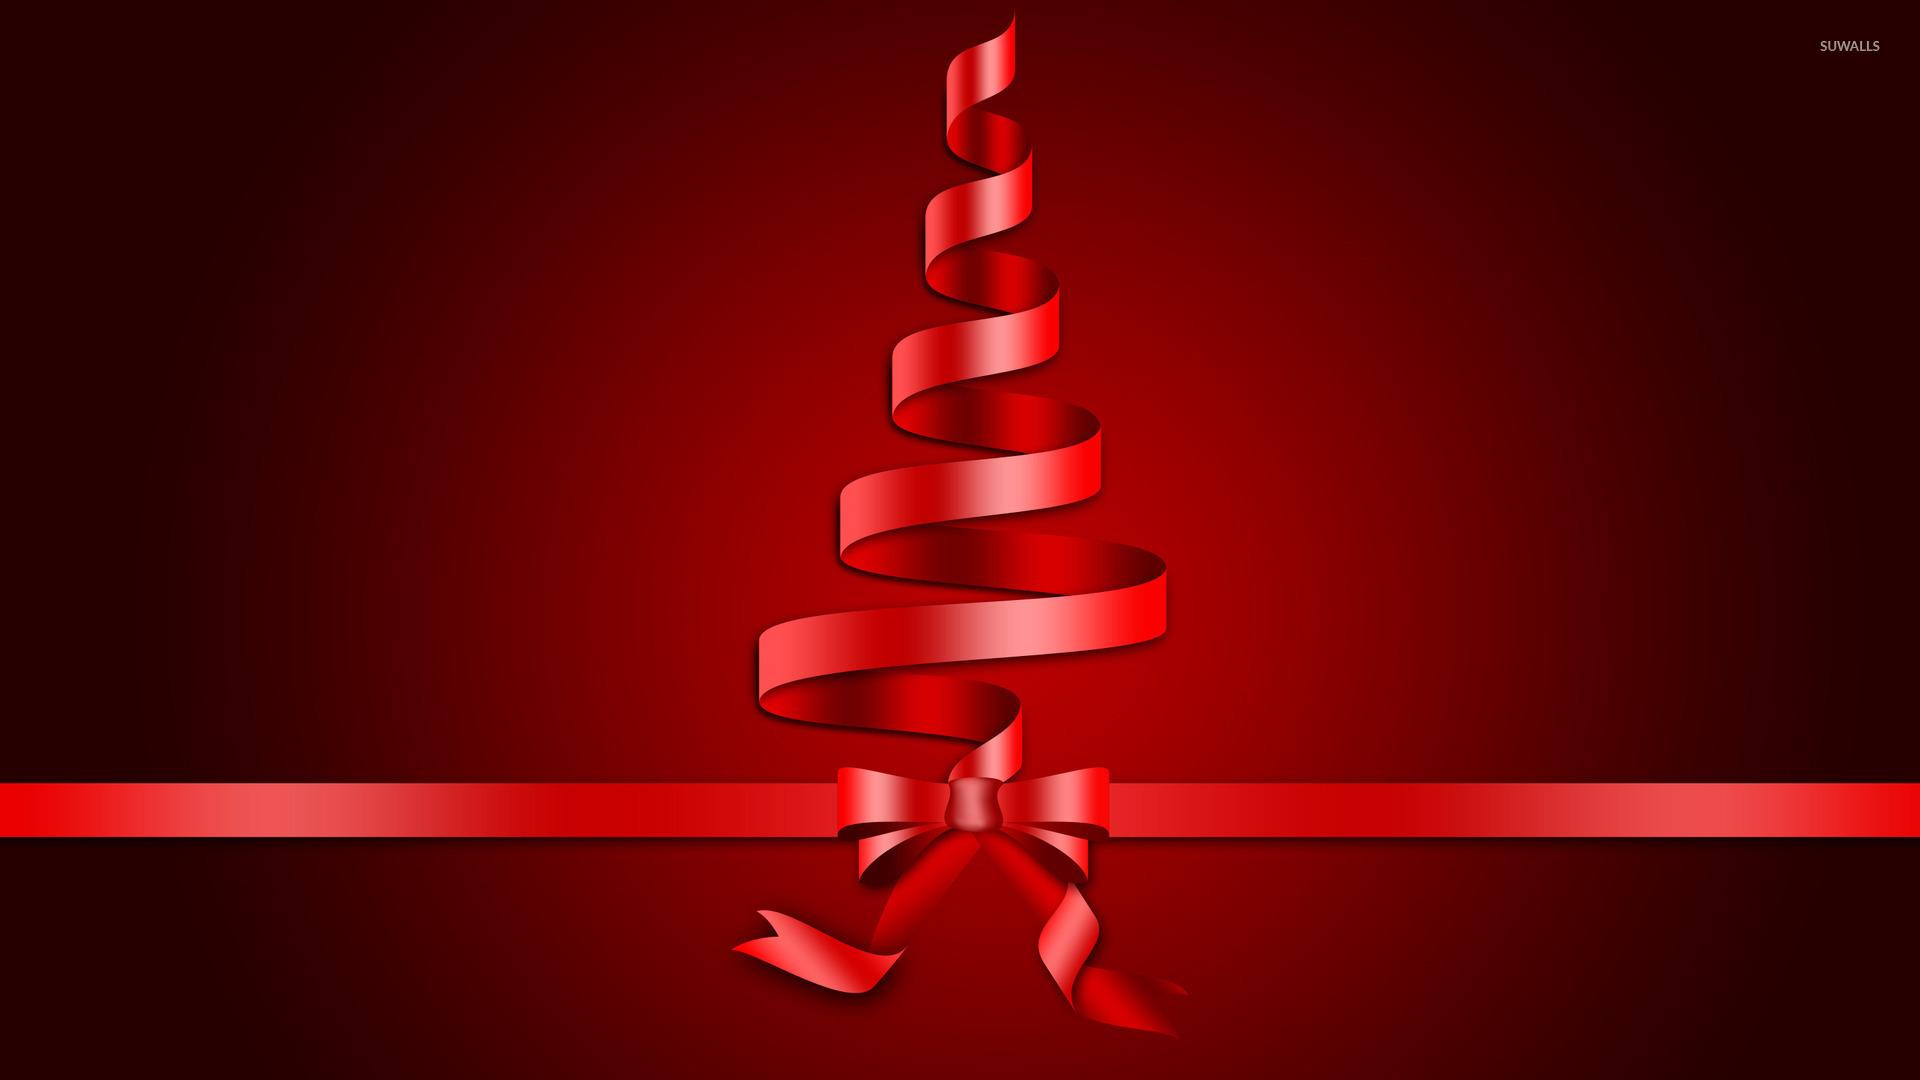 Ribbon christmas tree wallpaper holiday wallpapers 25805